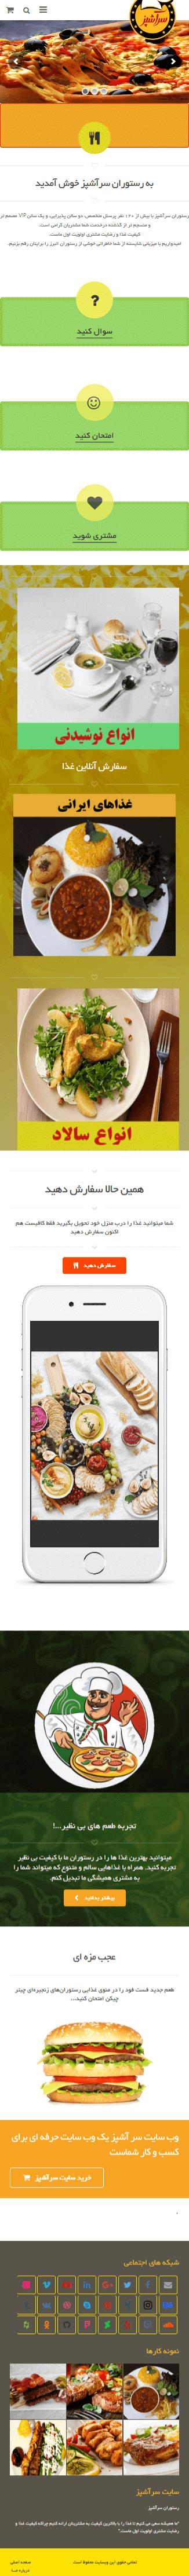 حالت موبایل سایت آشپزی سرآشپز